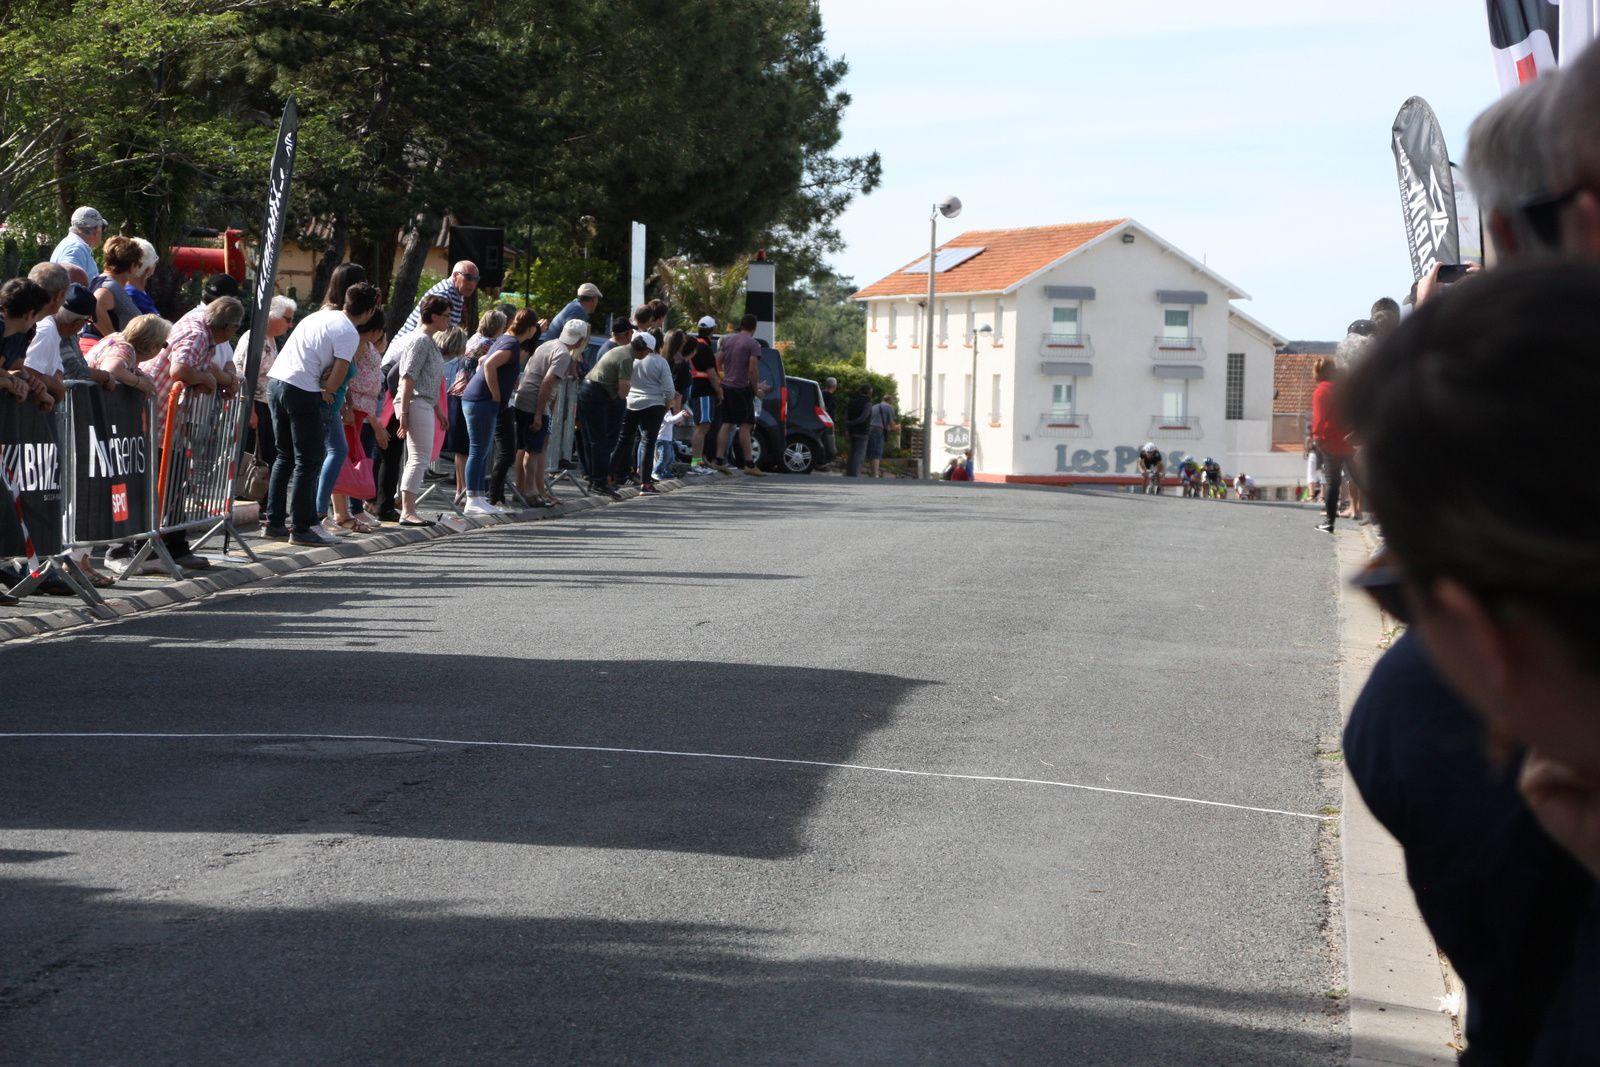 L'arrivée , Damien  PINOT  lance  le  sprint  aux  400  métres, il  est  débordé  dans  les  50  derniers  métres  et  victoire  pour  le  junior  Erwan  MORIN(VC  Charente-Océan), 2e  David  BLANCHAIN(G  Bordeaux)